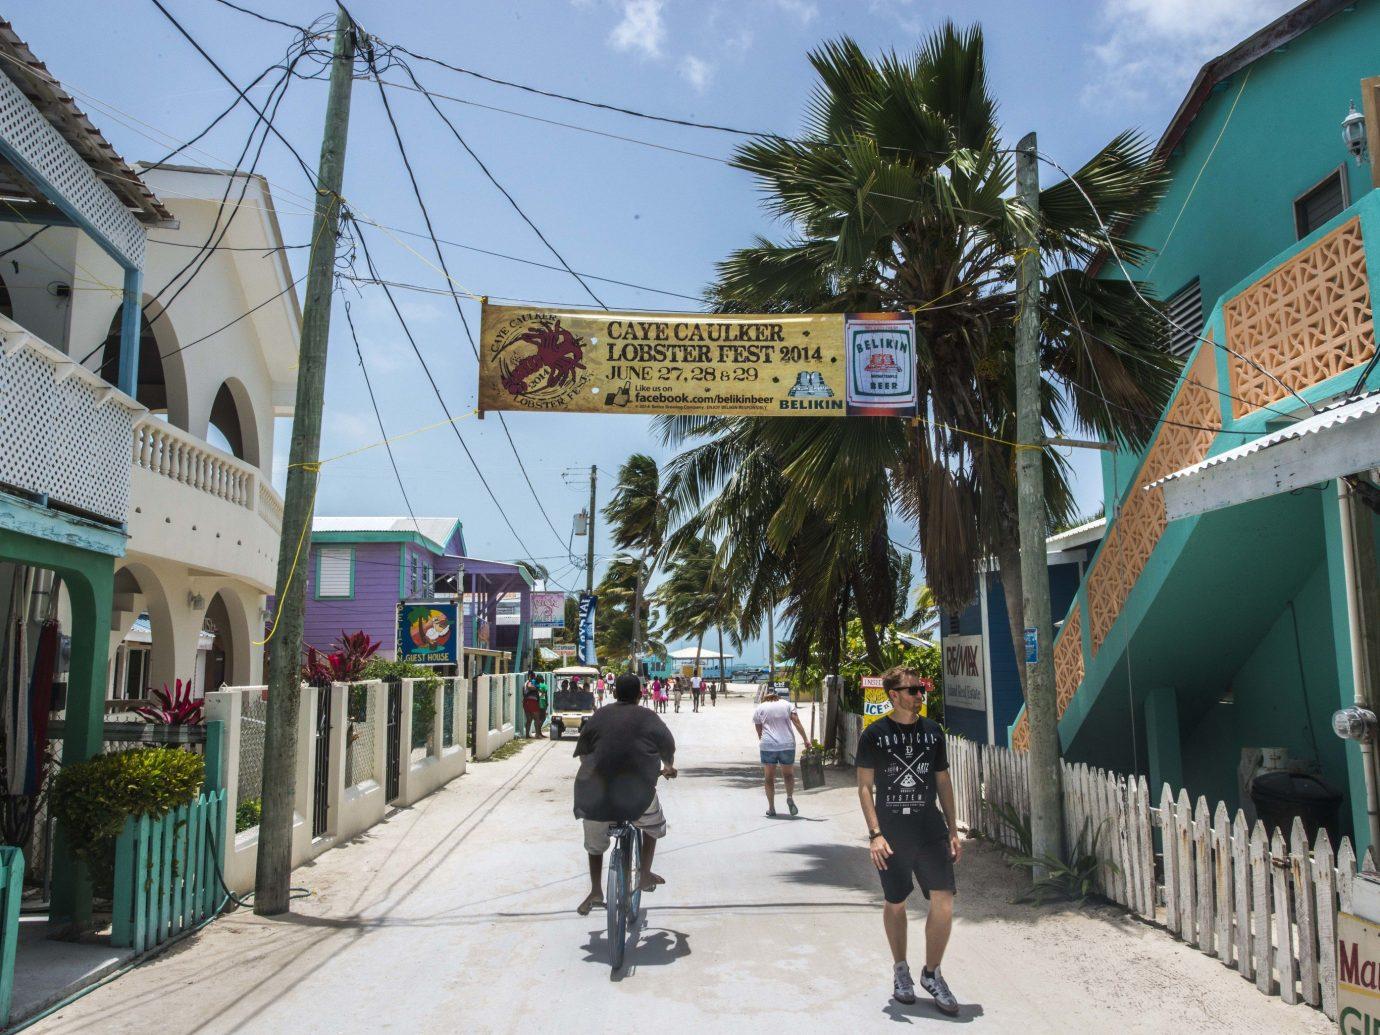 caribbean Secret Getaways Trip Ideas sky outdoor Town neighbourhood road vacation walkway street tourism Downtown pedestrian boardwalk sign